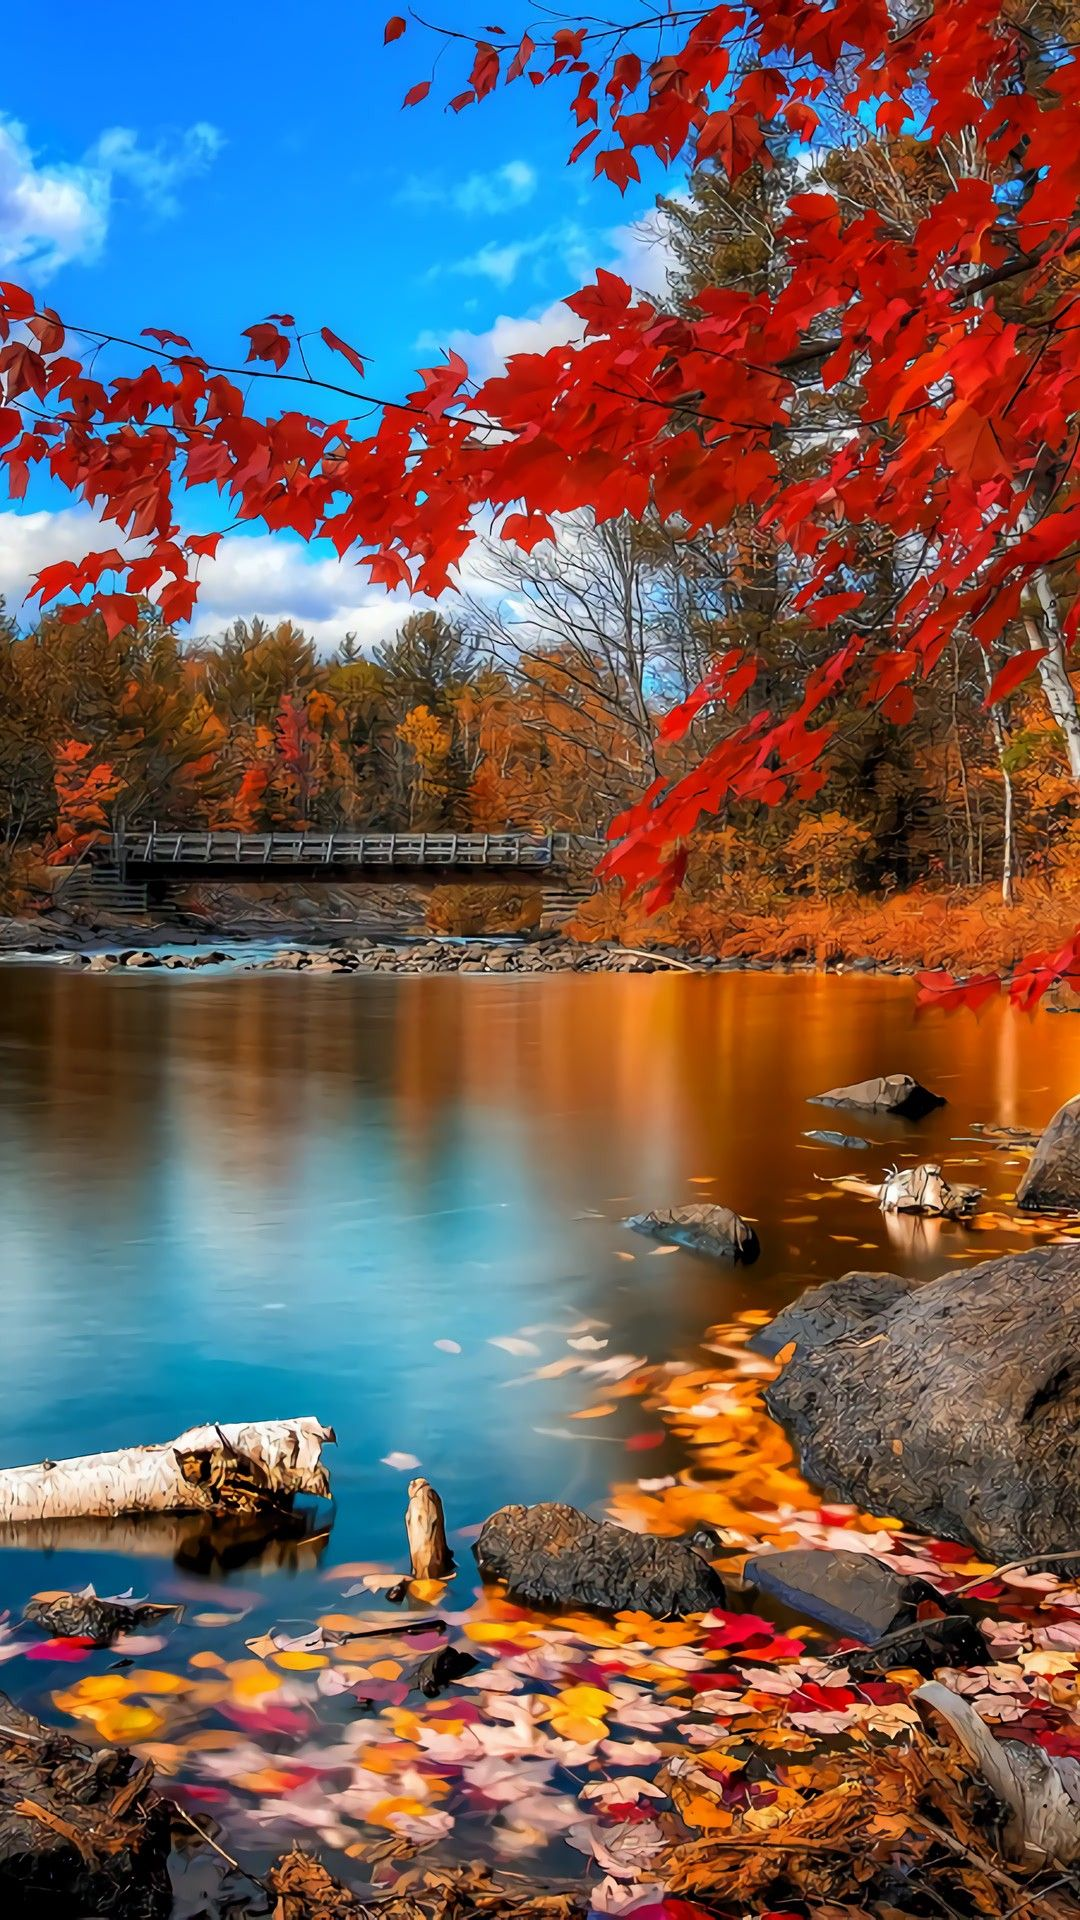 Hashtags Gorgeous Pretty Leaves Colourful Autumn Fall Beautiful Photo Photograph Nature Colo Autumn Scenery Beautiful Landscapes Nature Photography